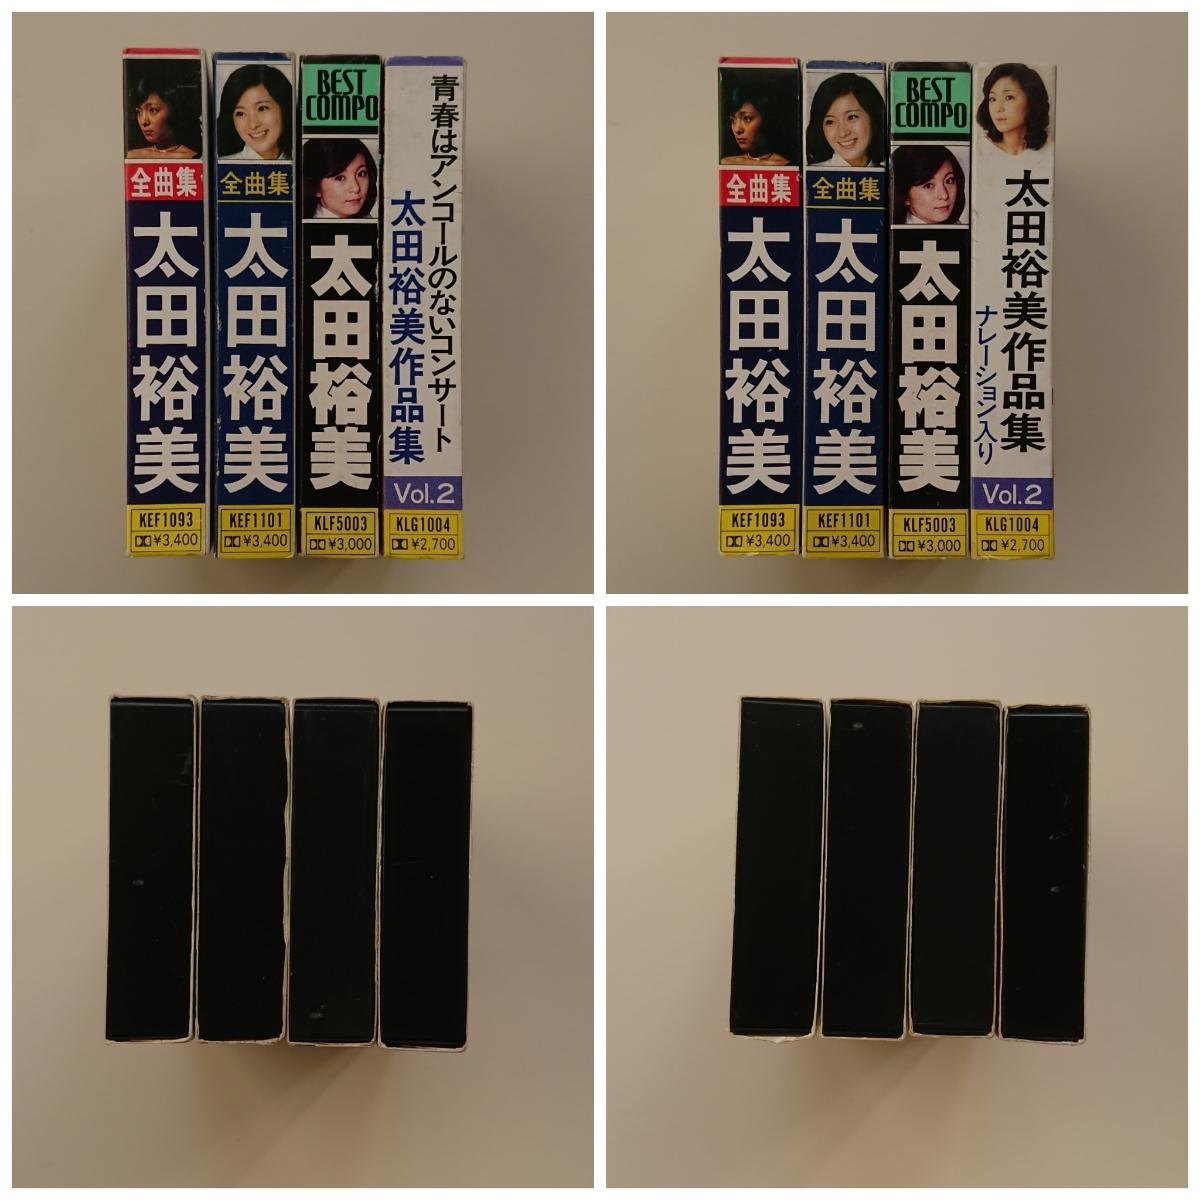 太田裕美 全曲集など 中古カセットテープ4個 歌詞カード付き 昭和レトロ_側面、上下